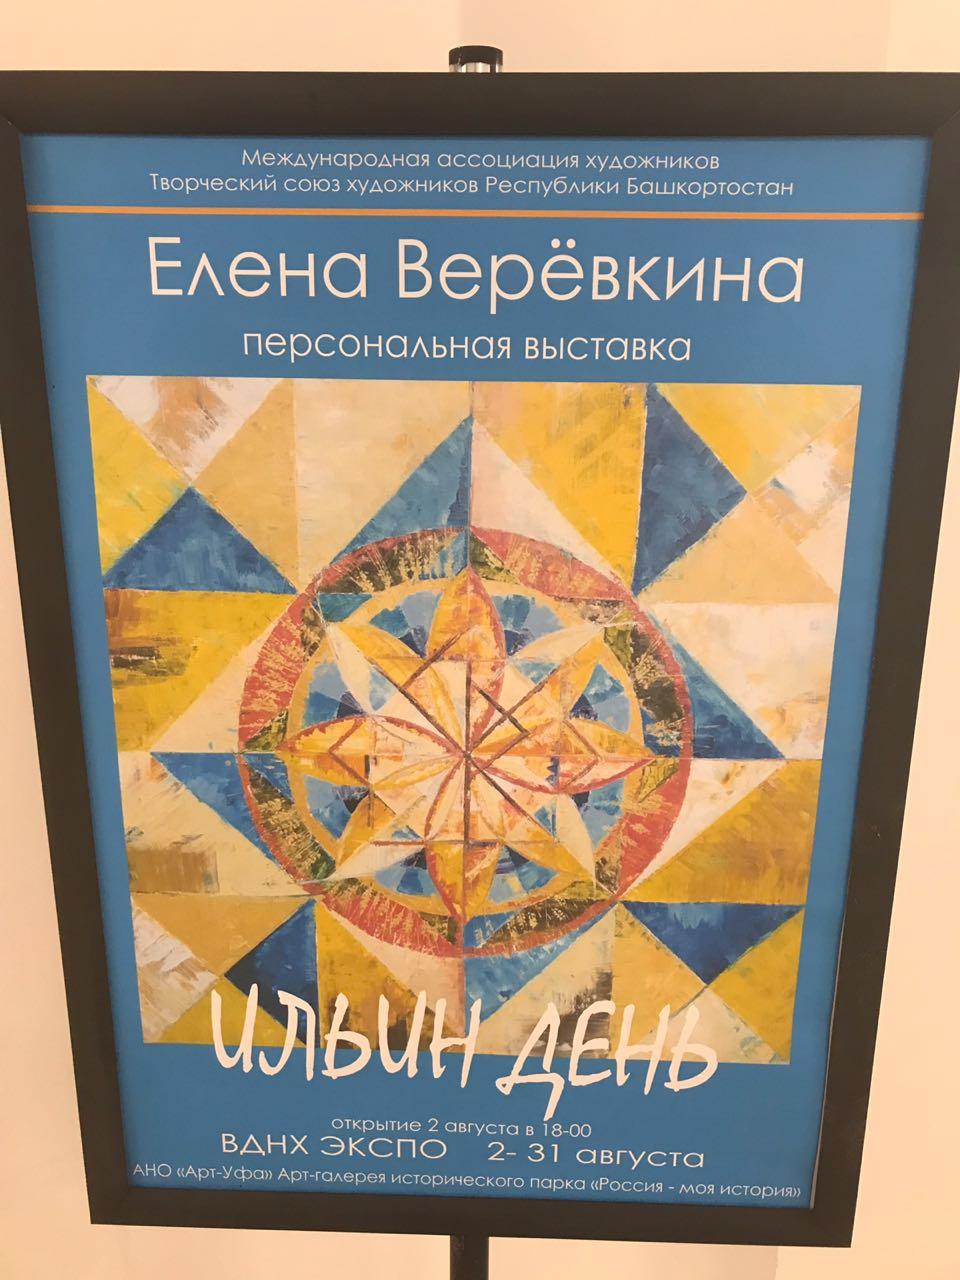 «Ильин день»: открытие персональной выставки Елены Веревкиной